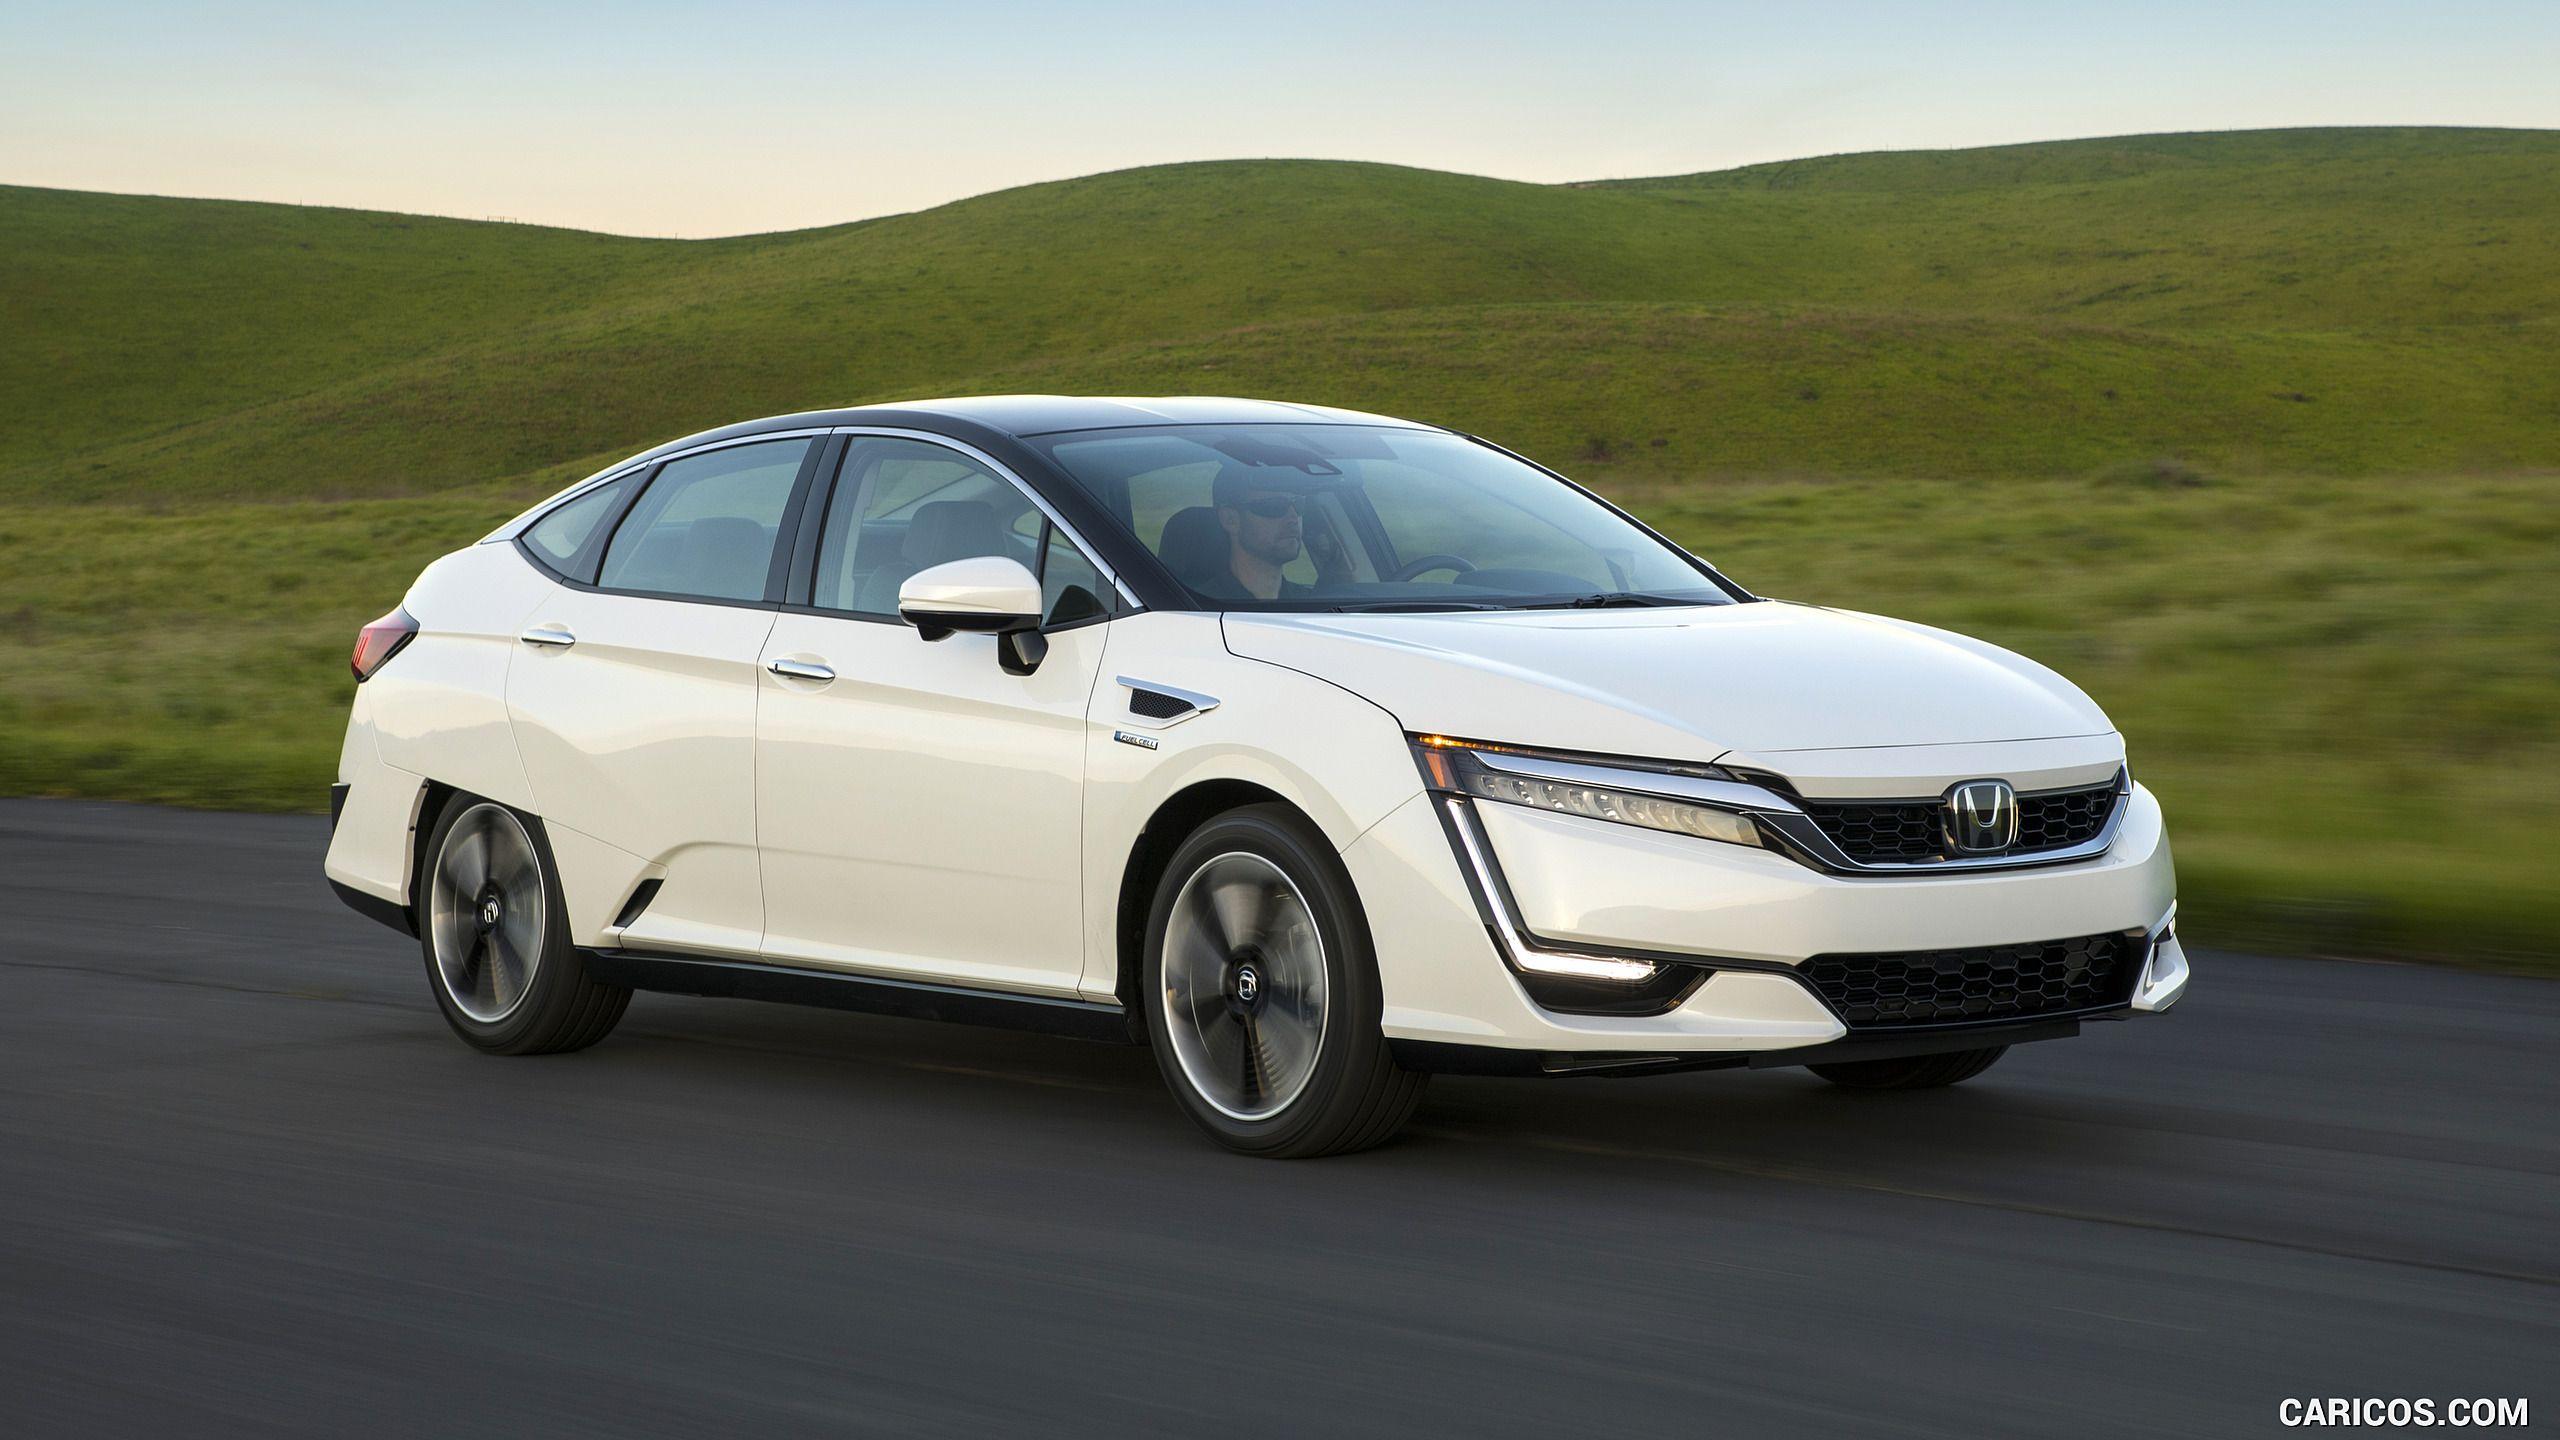 Honda Clarity Fuel Cell Fuel cell, Honda, Hybrid car